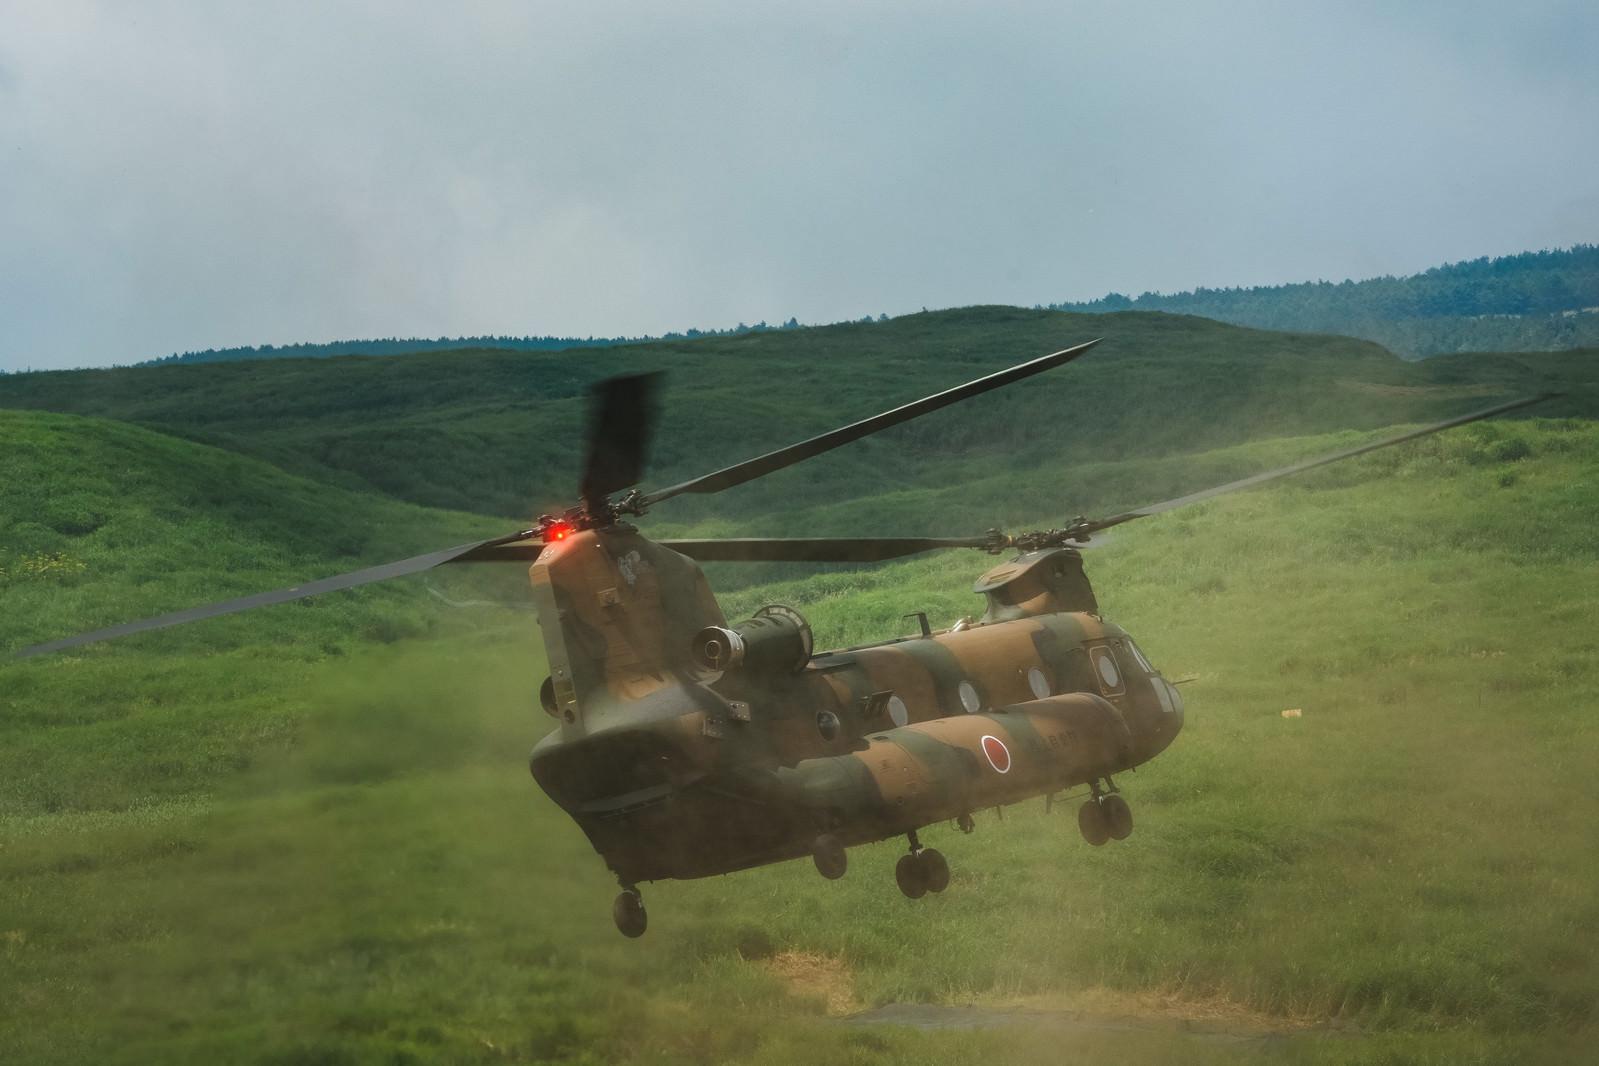 「自らのダウンウォッシュで巻き上げた砂埃の中着陸するチヌーク(CH-47)」の写真